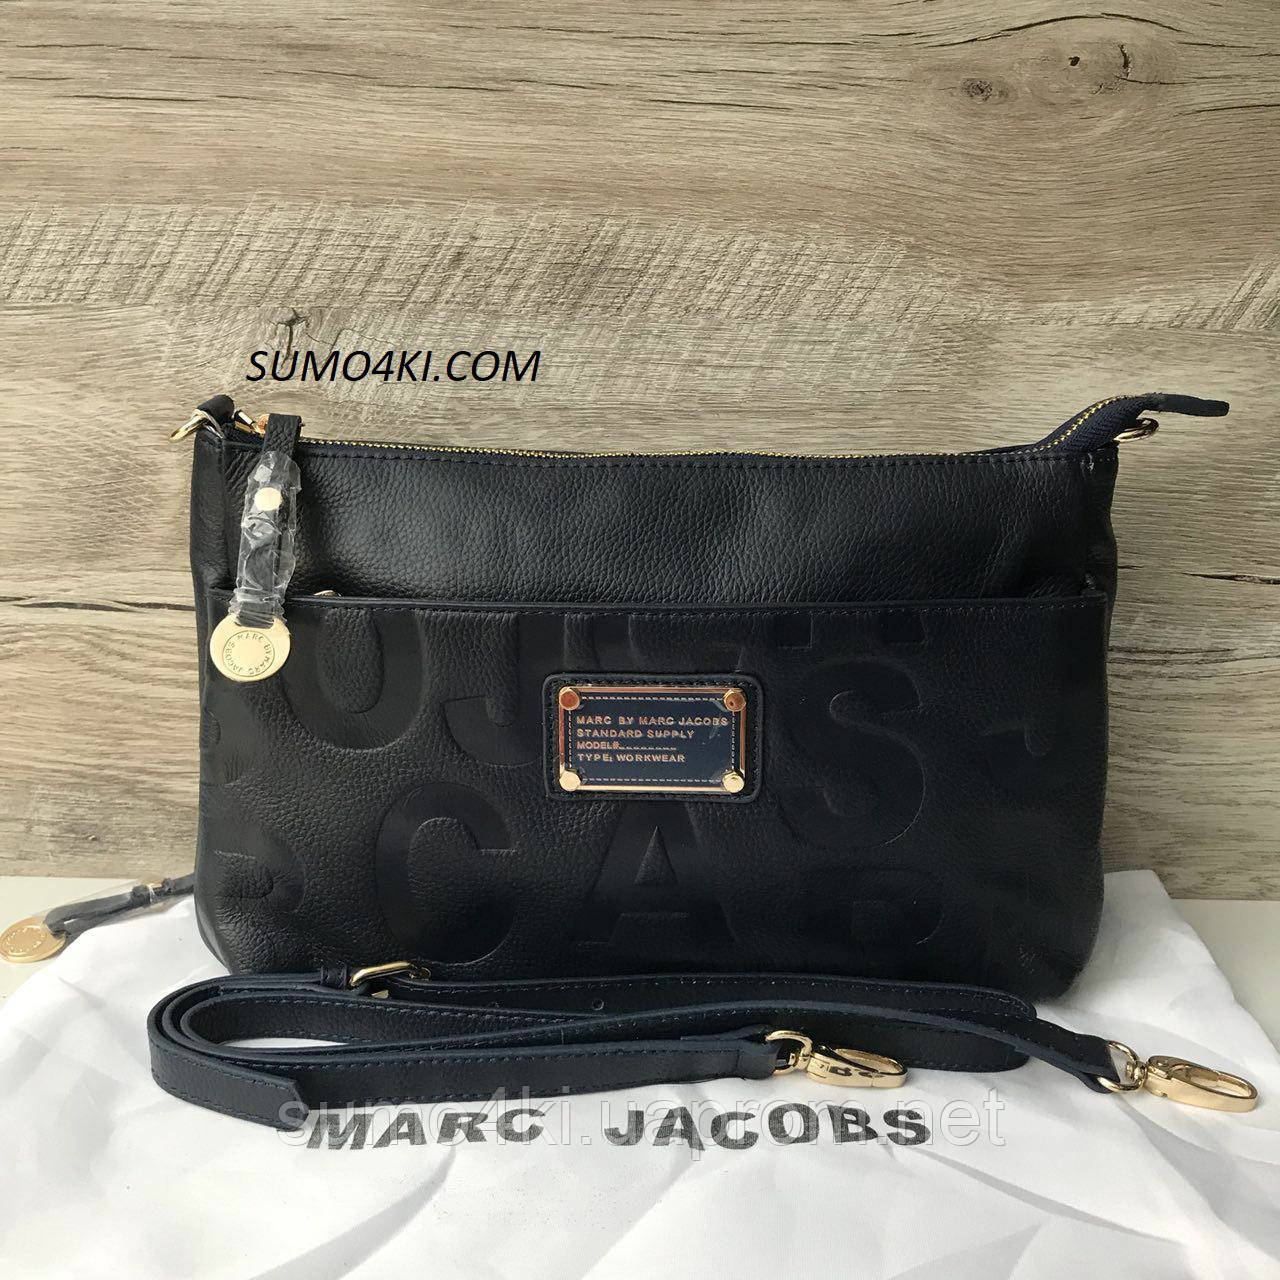 c7204e5ccece Купить Двустороннюю Женскую кожаную сумку Marc Jacobs оптом и в ...